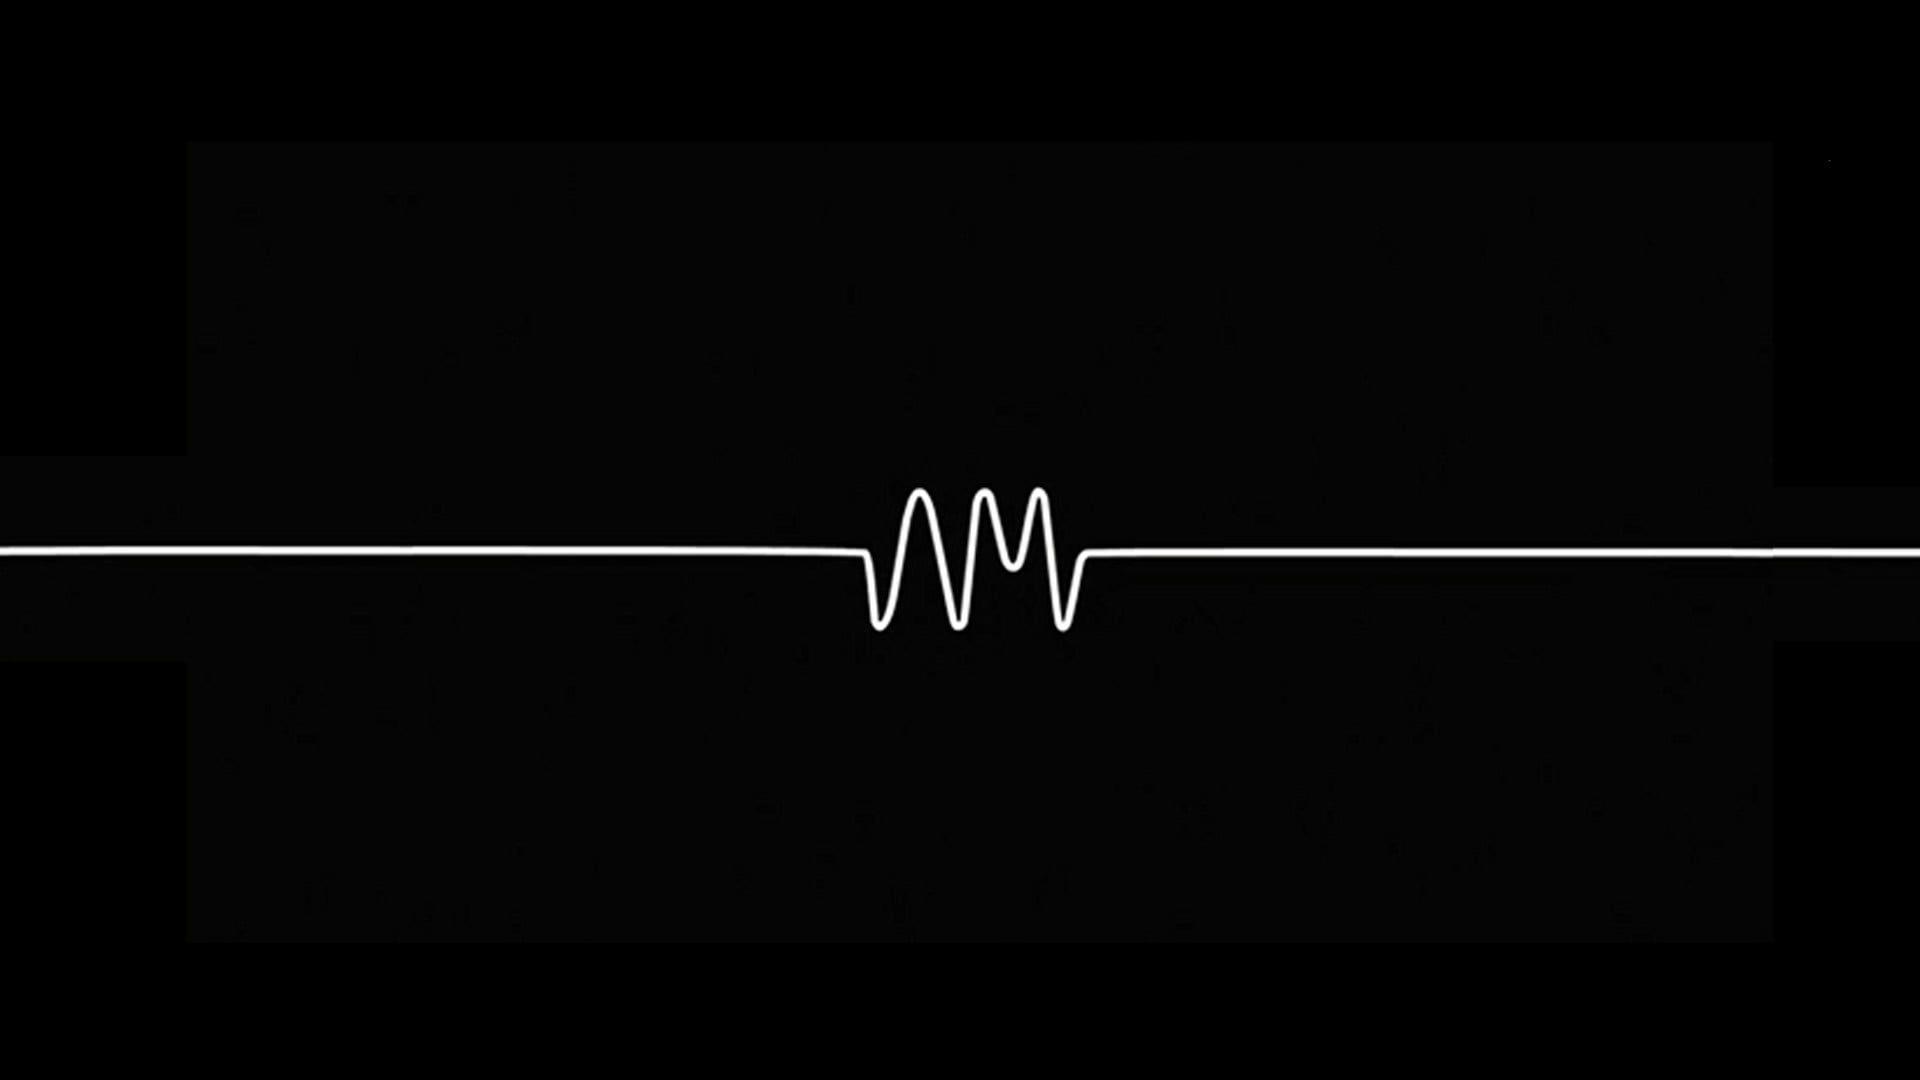 Seismograph Line Arctic Monkeys Minimalism Simple Background Lines 1080p Wallpaper Hdwallpaper De Arctic Monkeys Wallpaper Lines Wallpaper Arctic Monkeys